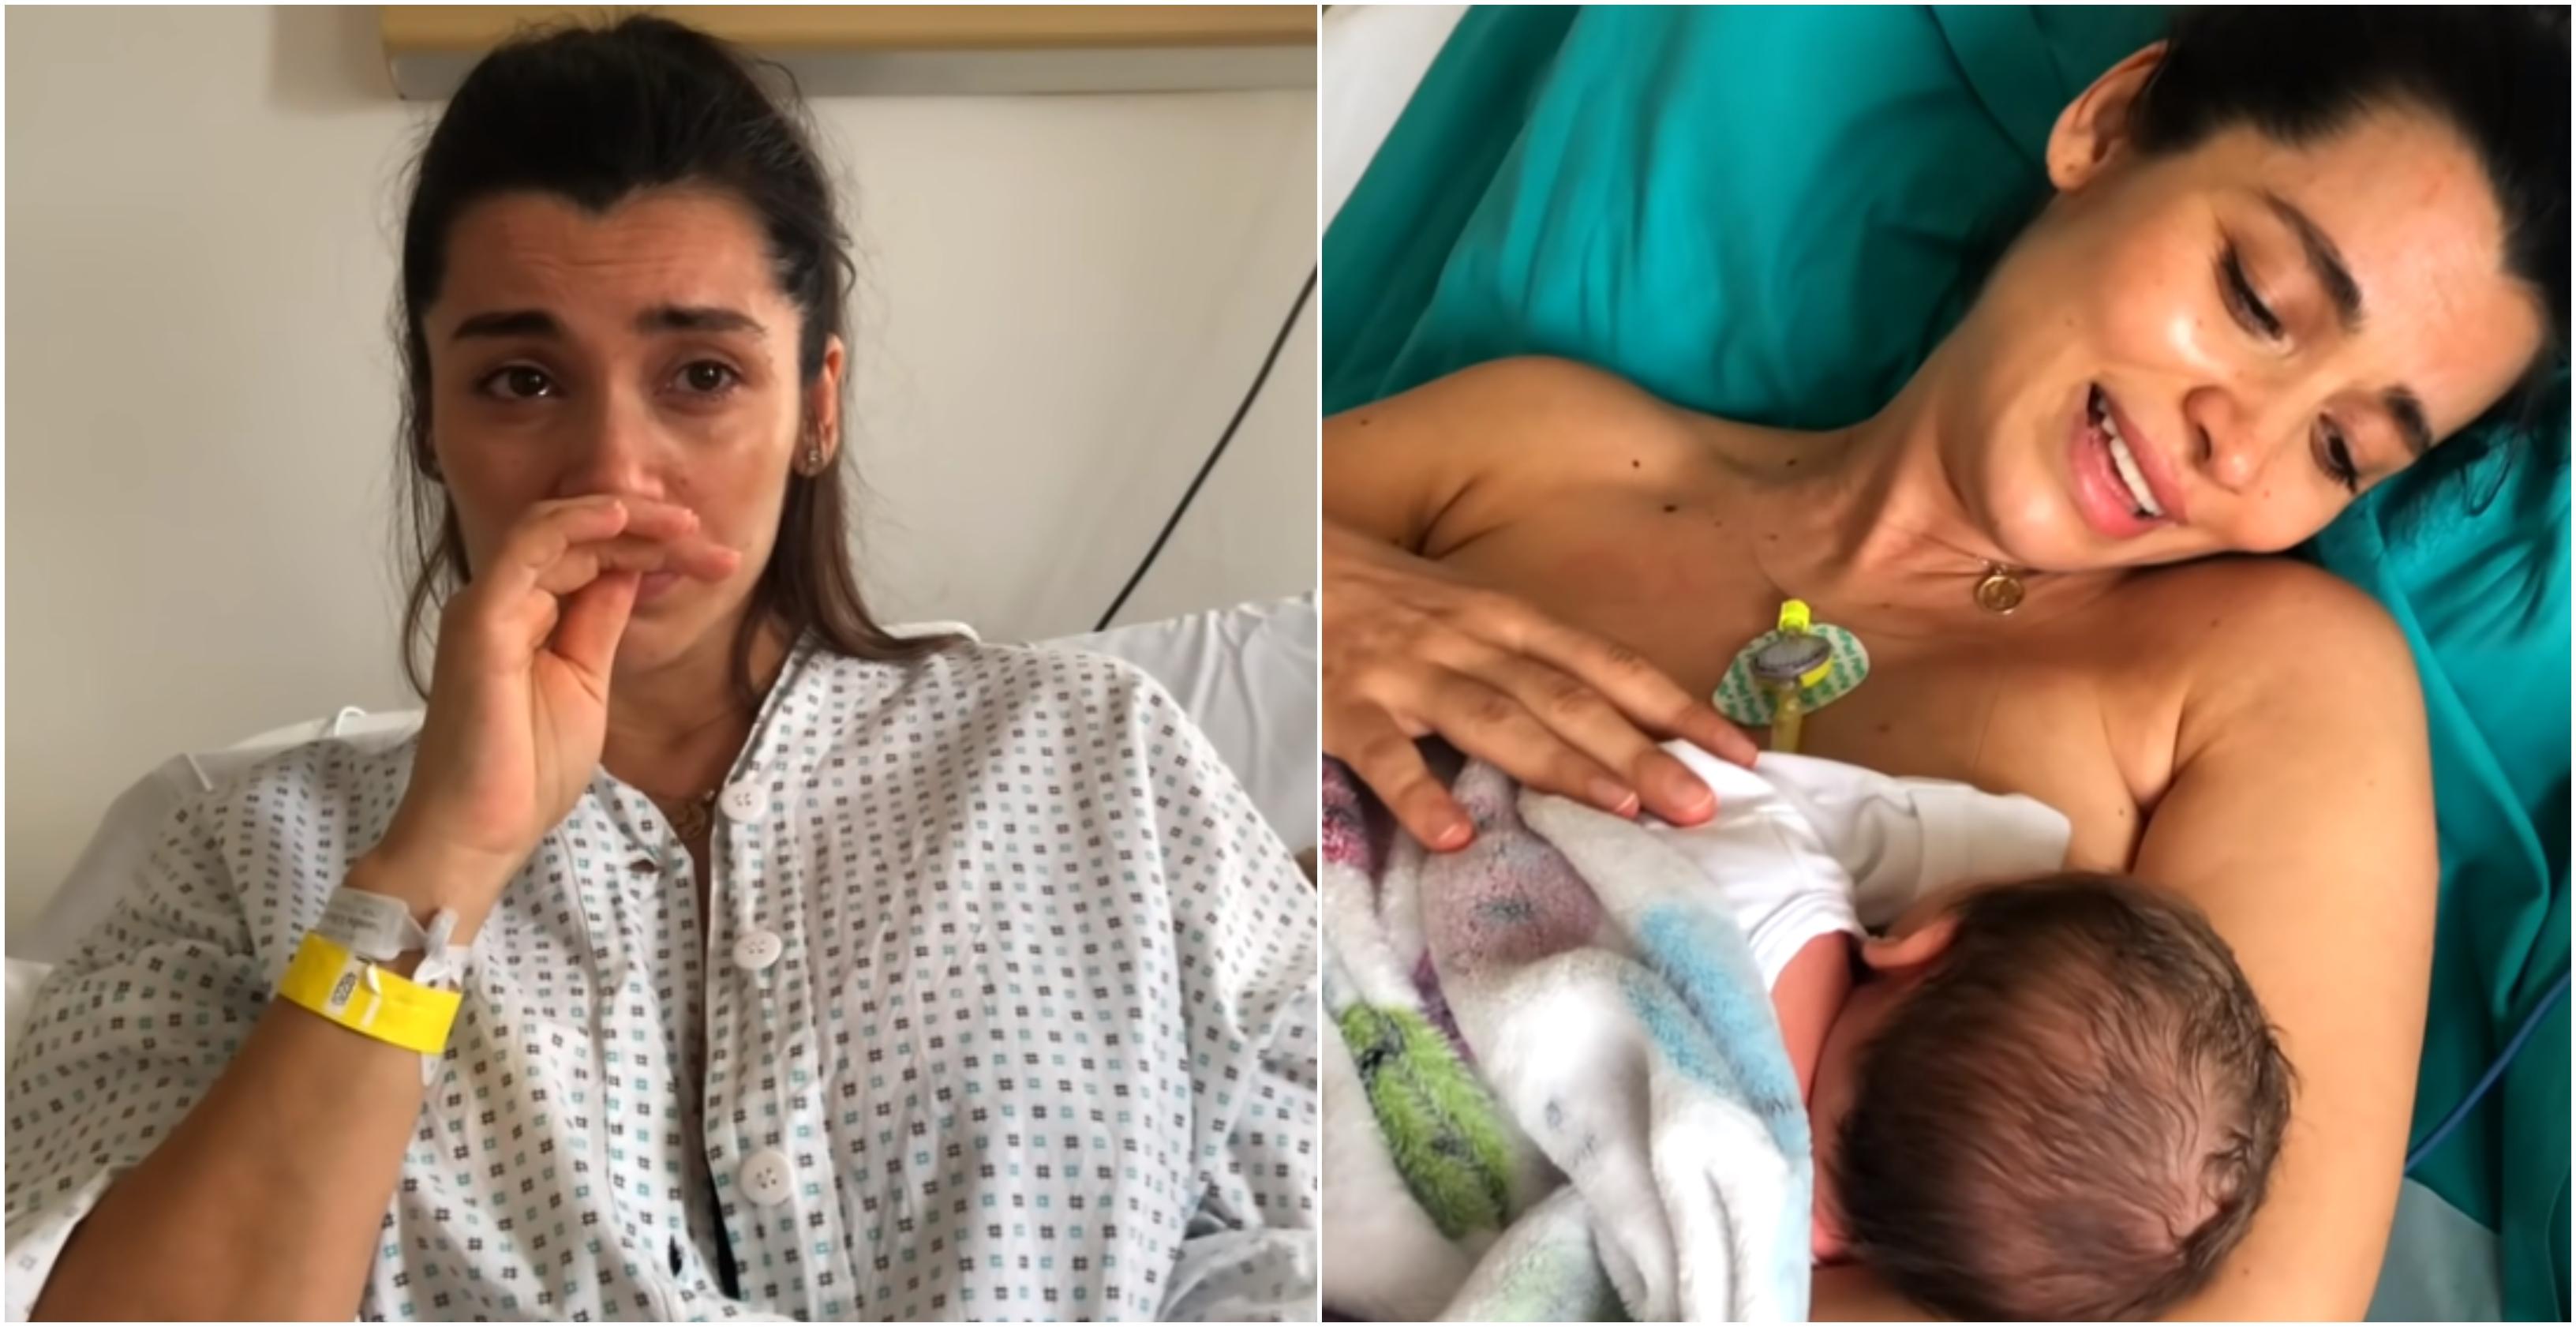 Lili Sandu a povestit cu lacrimi în ochi de ce bebelușul ei a avut nevoie de mai multe zile de spitalizare VIDEO | Demamici.ro